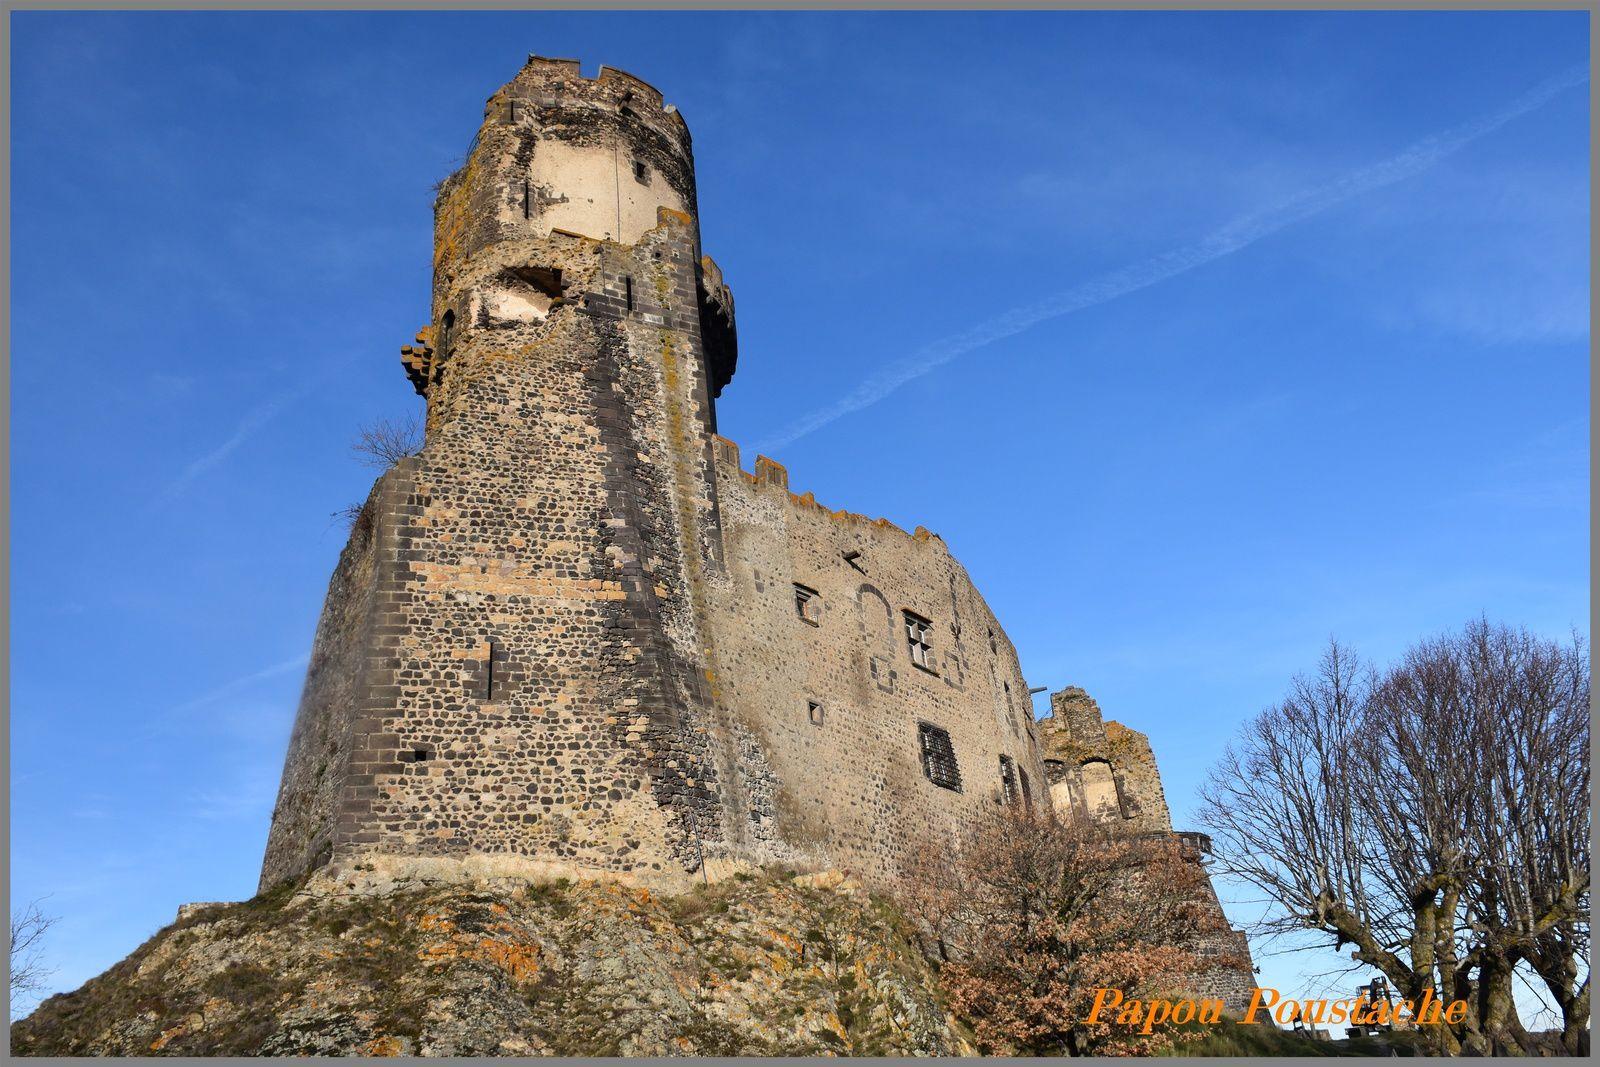 Le Chateau de Tournoel